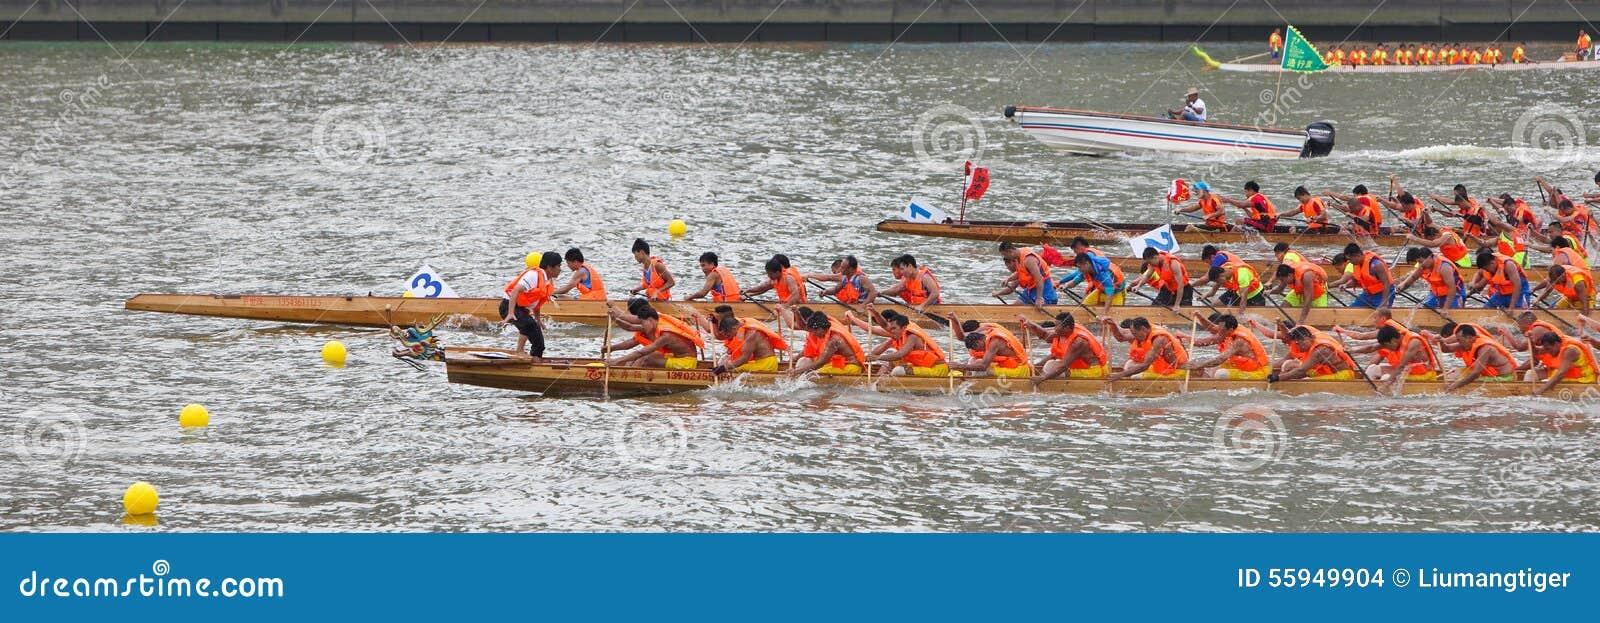 Guangzhou 2015 Dragon Boat Race internacional 4